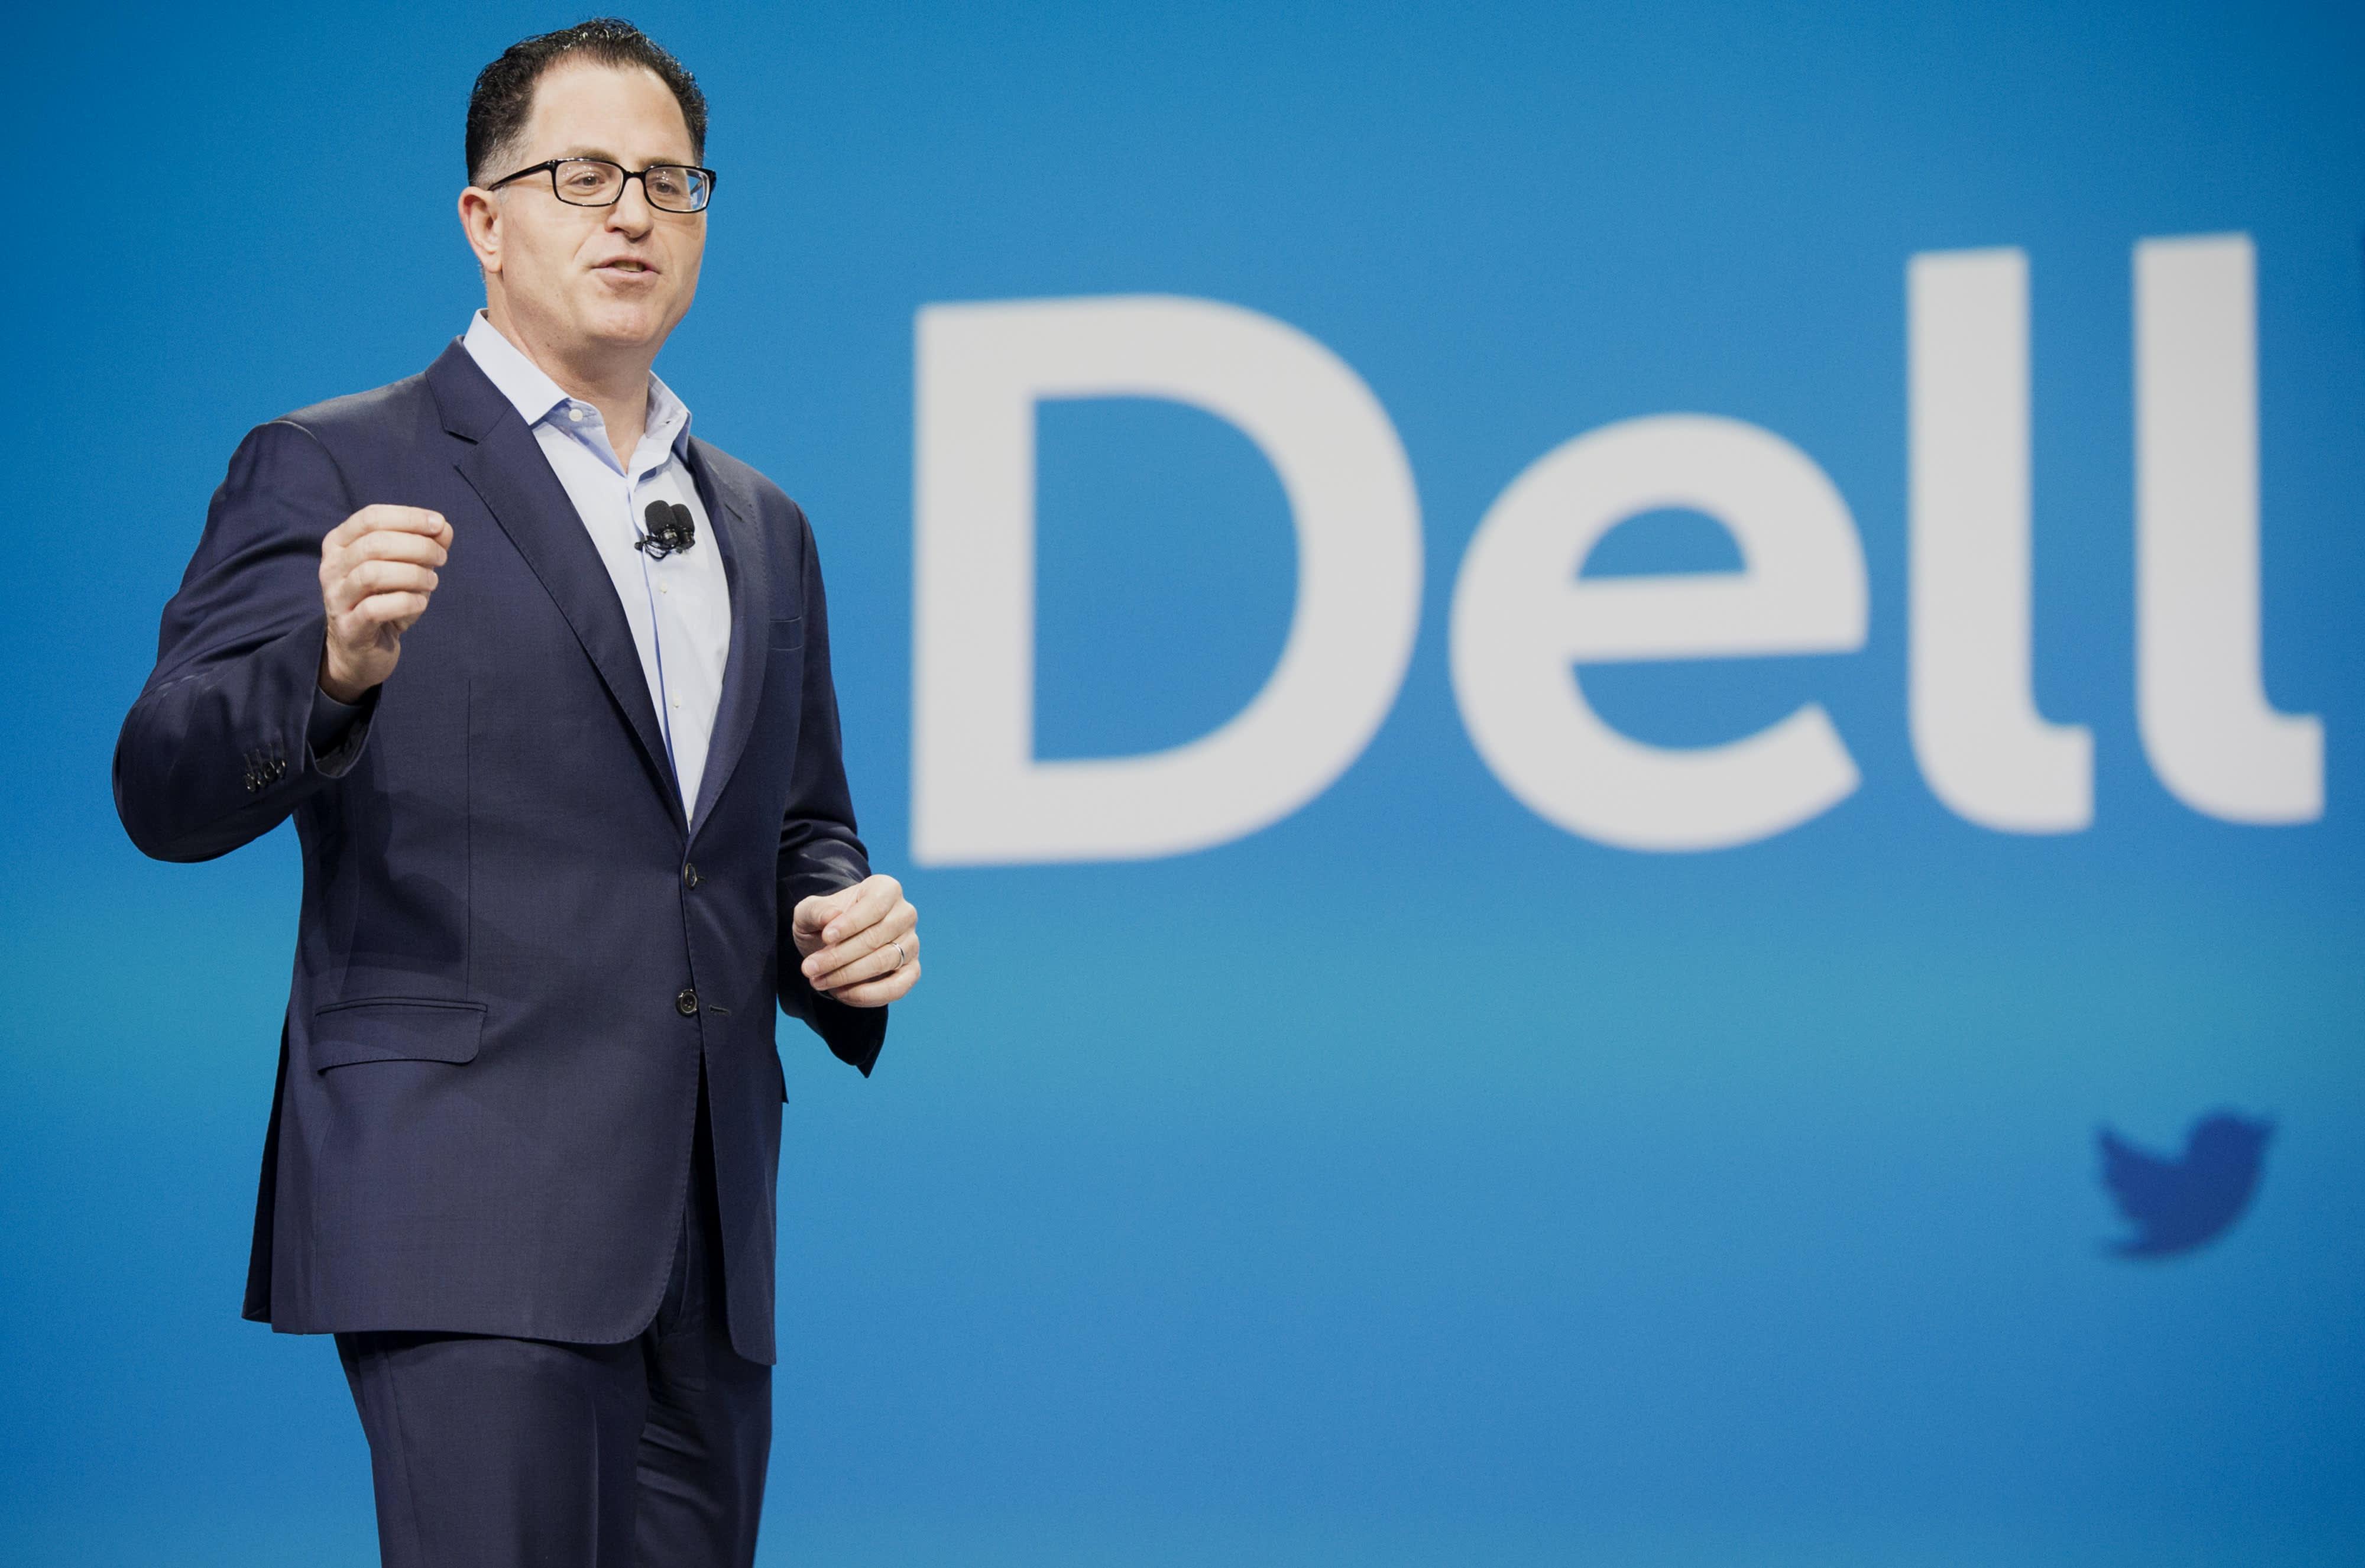 GP: Michael Dell, Dell Inc.